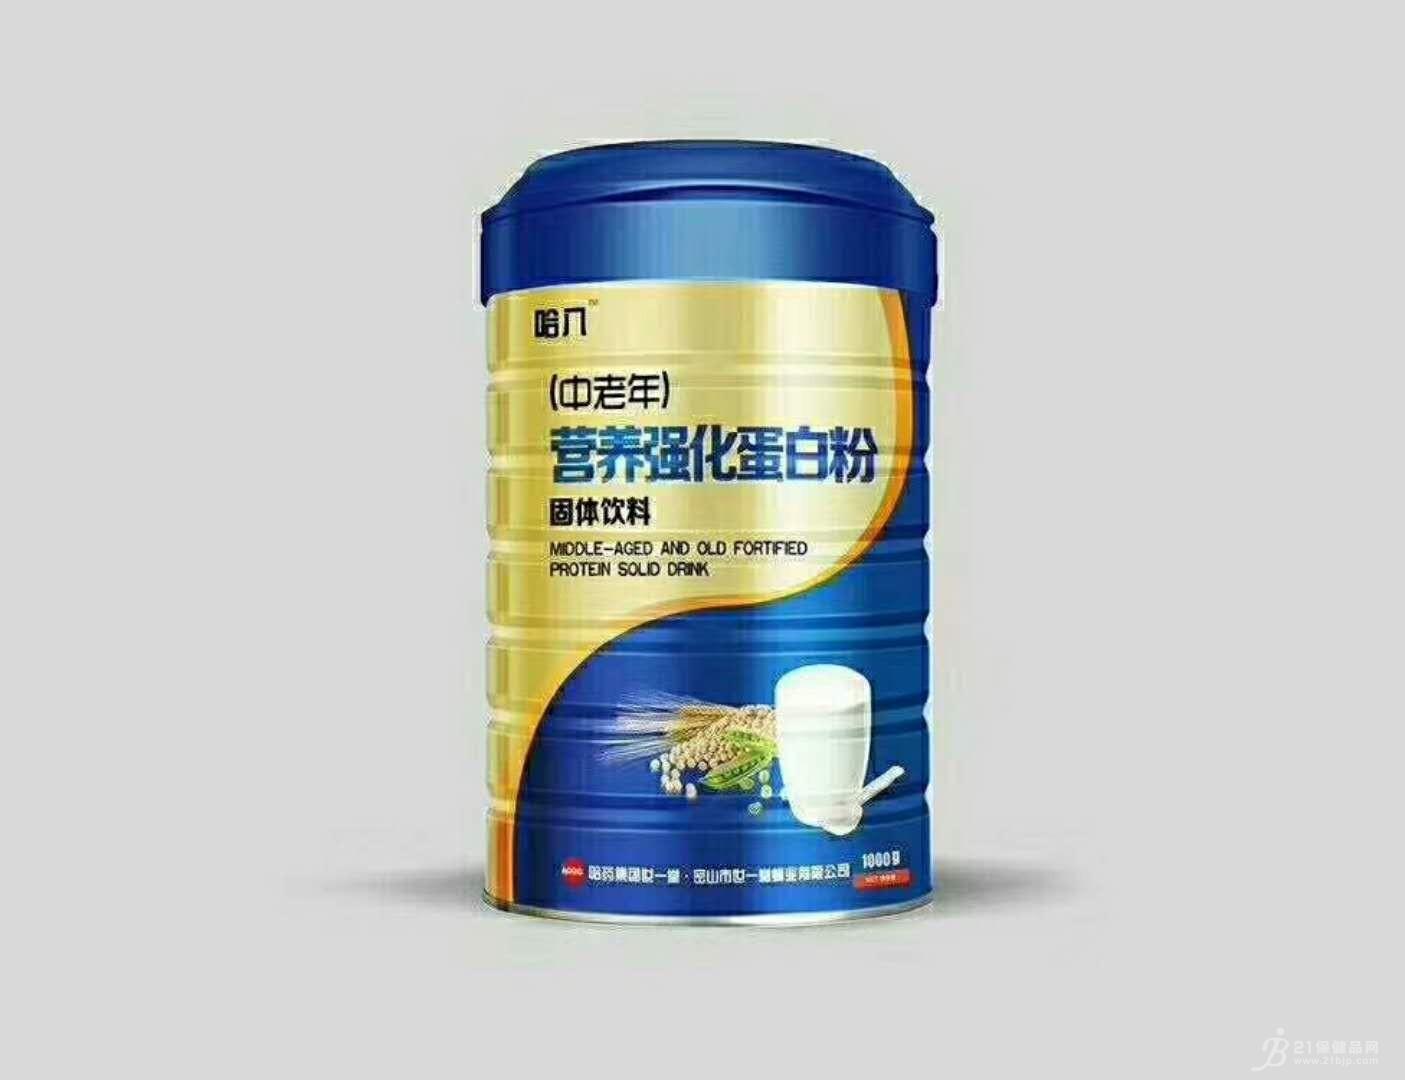 中老年营养强化蛋白粉招商